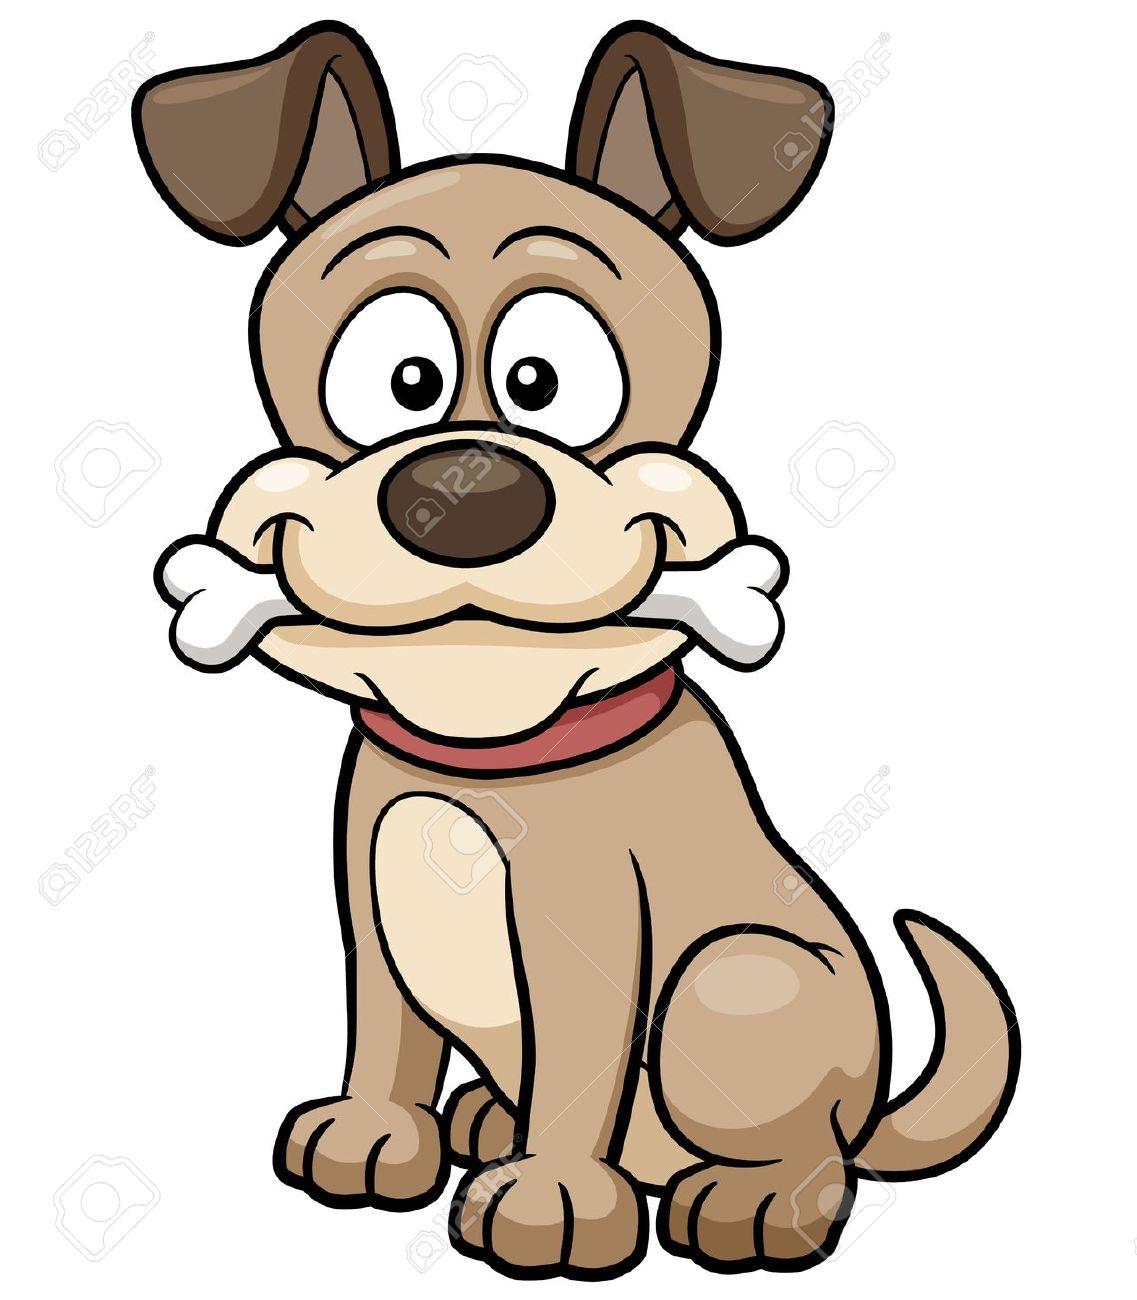 Dog clipart vector svg download Dog Vector Clipart   Free download best Dog Vector Clipart on ... svg download